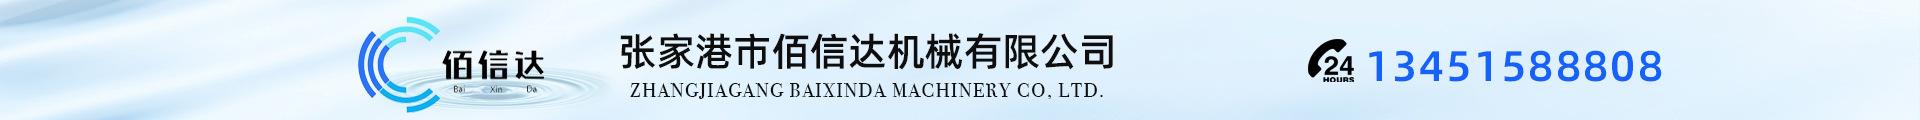 张家港市佰信达机械有限公司